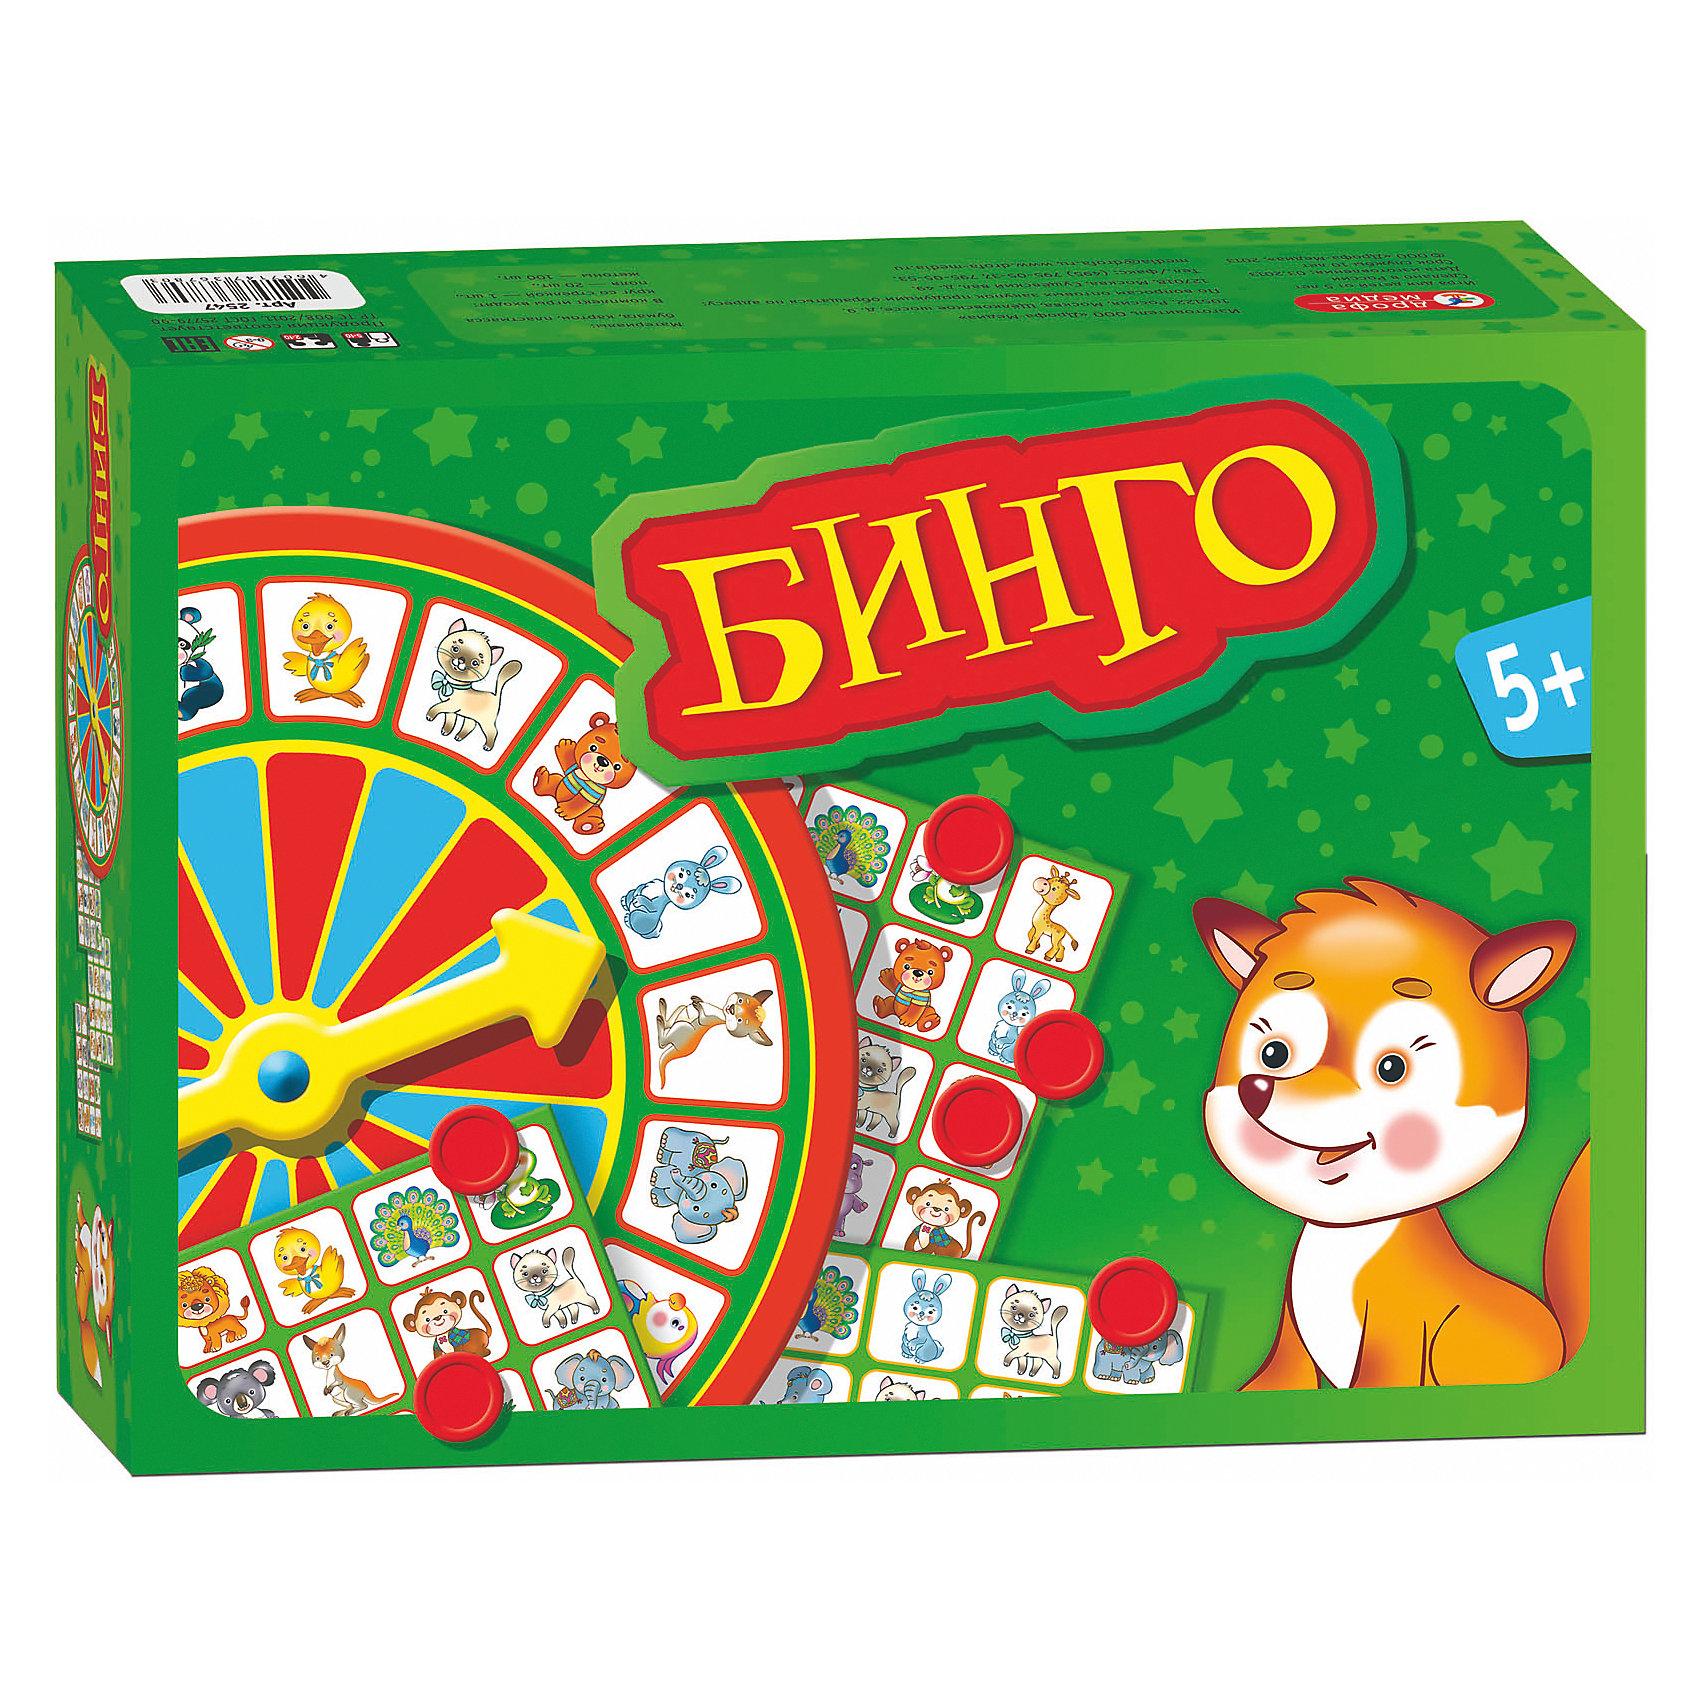 Игра Бинго, Дрофа-МедиаИгра Бинго, Дрофа-Медиа - увлекательная игра, в которую можно играть всей семьей. В комплекте Вы найдете круг со стрелкой, игровые поля и жетоны. Все участники берут по одному игровому полю. Ведущий или все дети по очереди вращают стрелку на колесе с изображением животных. Если игроки выбрали поля с красными рамочками (где животные встречаются по одному разу), то все участники, у кого есть животное, на которое указала стрелка, накрывают его жетоном. Если у игроков поля с желтыми рамочками (каждое животное встречается на поле два раза), то участник может закрыть жетоном только одну клетку из двух, выбрав наиболее выгодный вариант. Поставленный на поле жетон в дальнейшем нельзя перемещать на другую клетку. Победителем становится игрок, первым закрывший 4 клетки, лежащие на одной горизонтали, вертикали или диагонали.<br><br>Дополнительная информация:<br><br>- Серия: Лото.<br>- В комплекте: круг со стрелкой - 1 шт., игровые поля -20 шт., жетоны - 100 шт.<br>- Материал: бумага, картон, пластик.<br>- Размер упаковки: 18,5 x 26,5 x 6,5 см.<br>- Вес: 0,272 кг.<br><br>Игру Бинго, Дрофа-Медиа, можно купить в нашем интернет-магазине.<br><br>Ширина мм: 185<br>Глубина мм: 265<br>Высота мм: 65<br>Вес г: 190<br>Возраст от месяцев: 60<br>Возраст до месяцев: 108<br>Пол: Унисекс<br>Возраст: Детский<br>SKU: 4533292